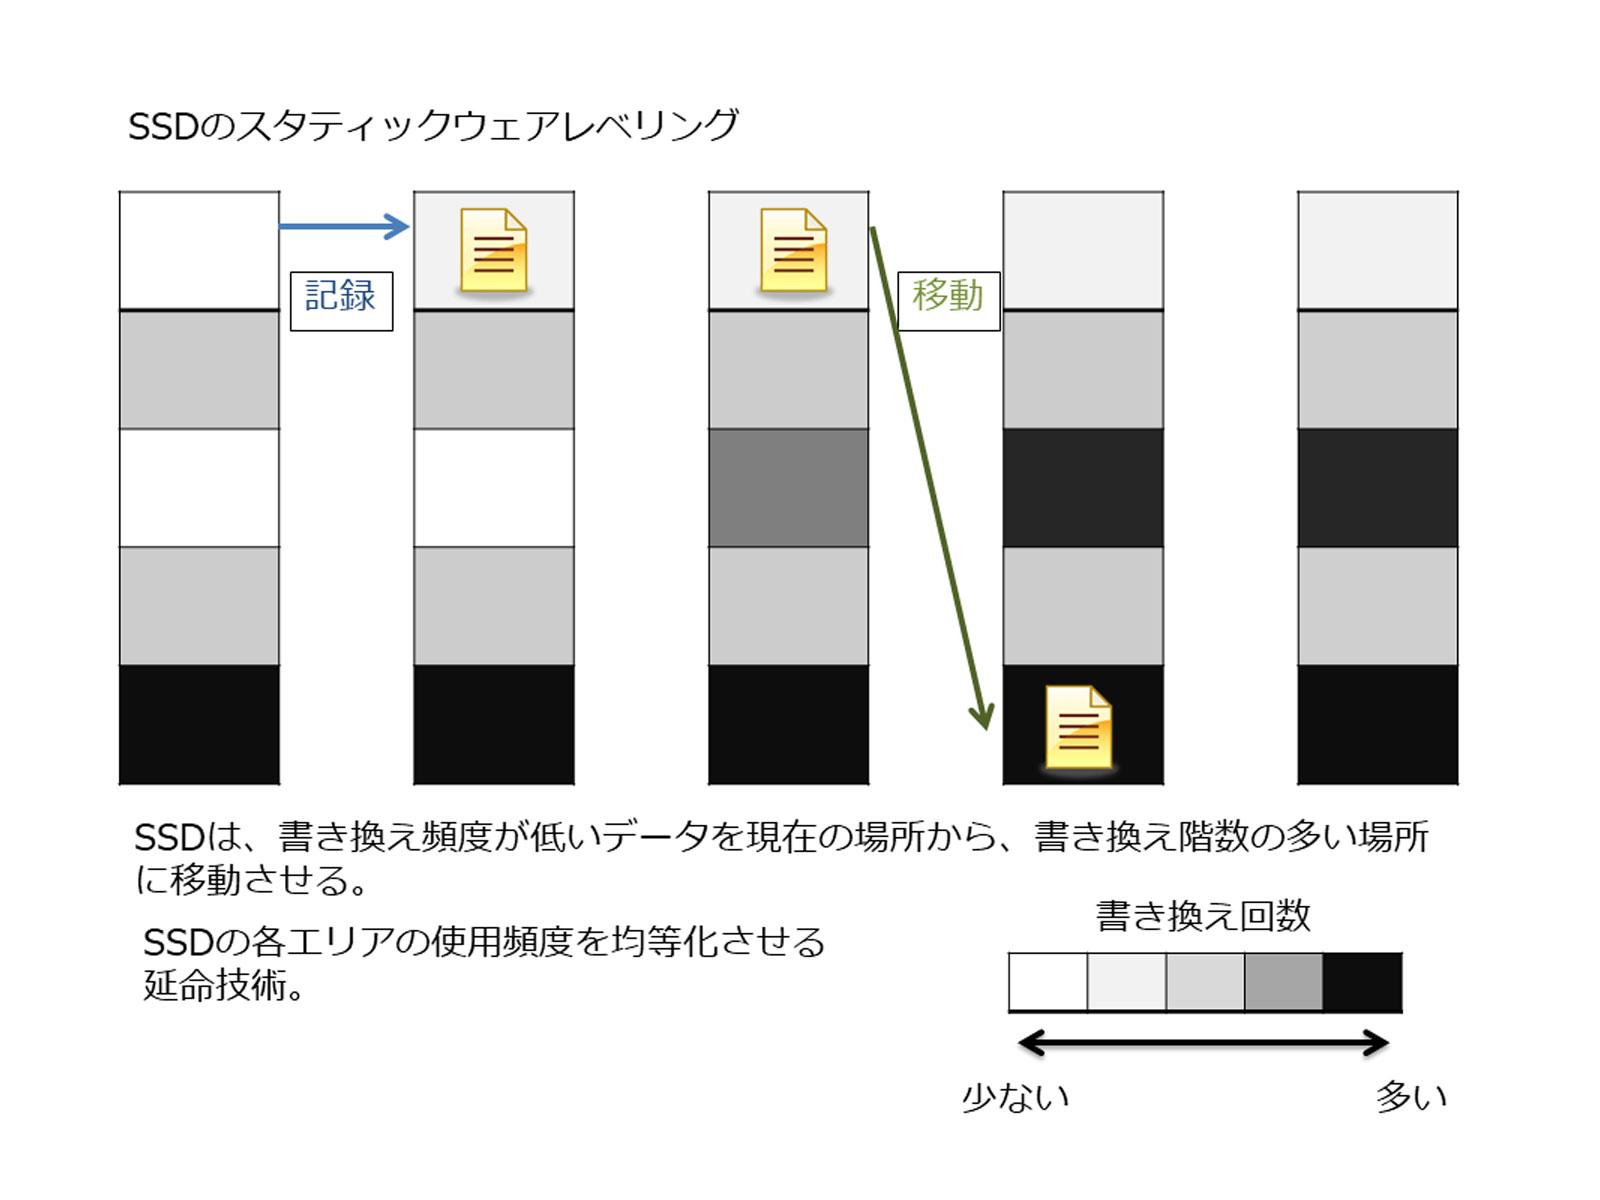 SSDのスタティックウェアレベリング機能説明